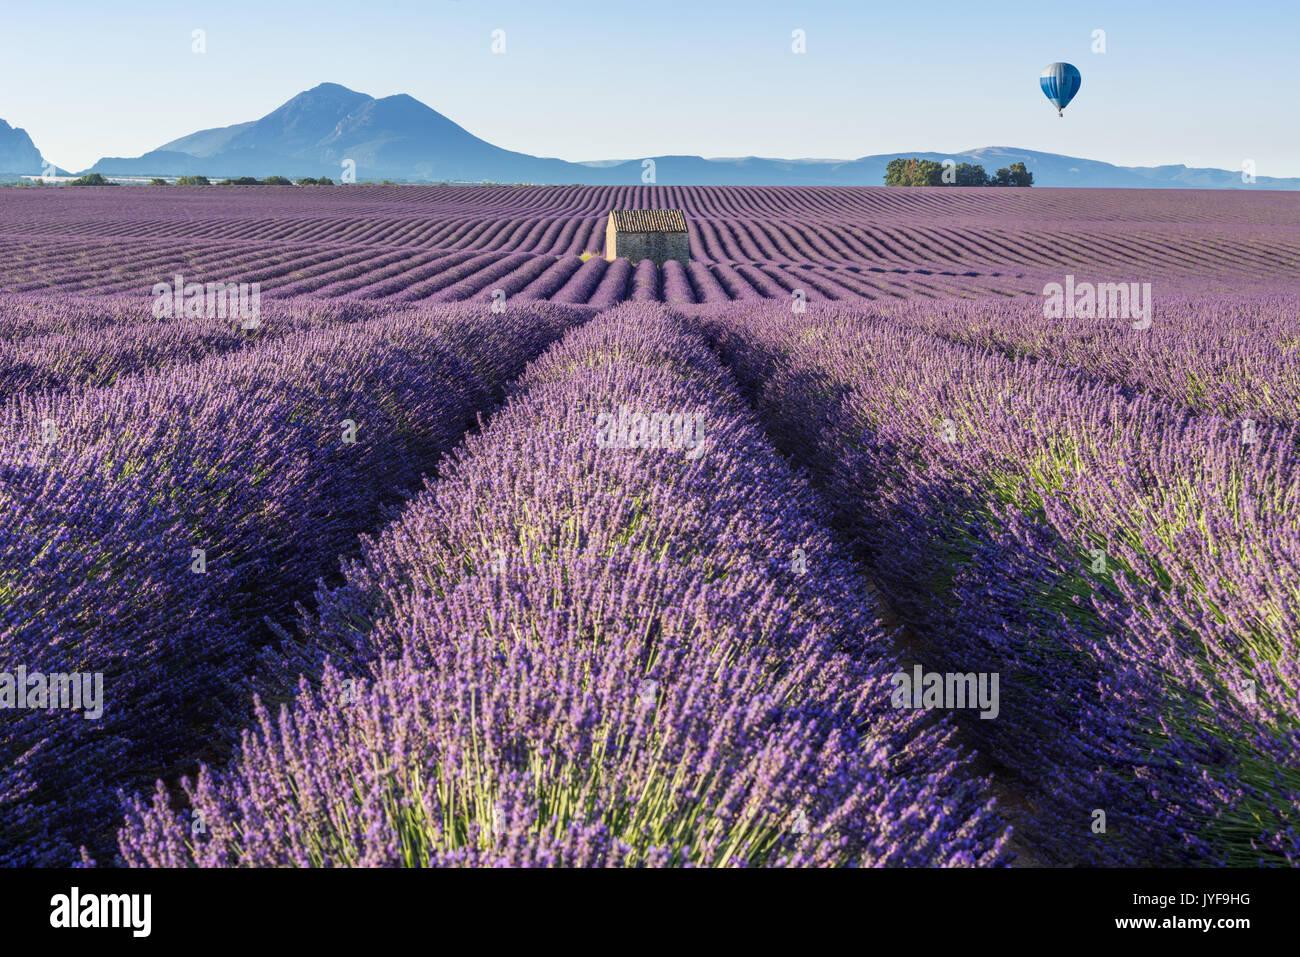 Mit dem Heißluftballon über Lavendelfelder von Valensole. Provence, Frankreich Stockbild